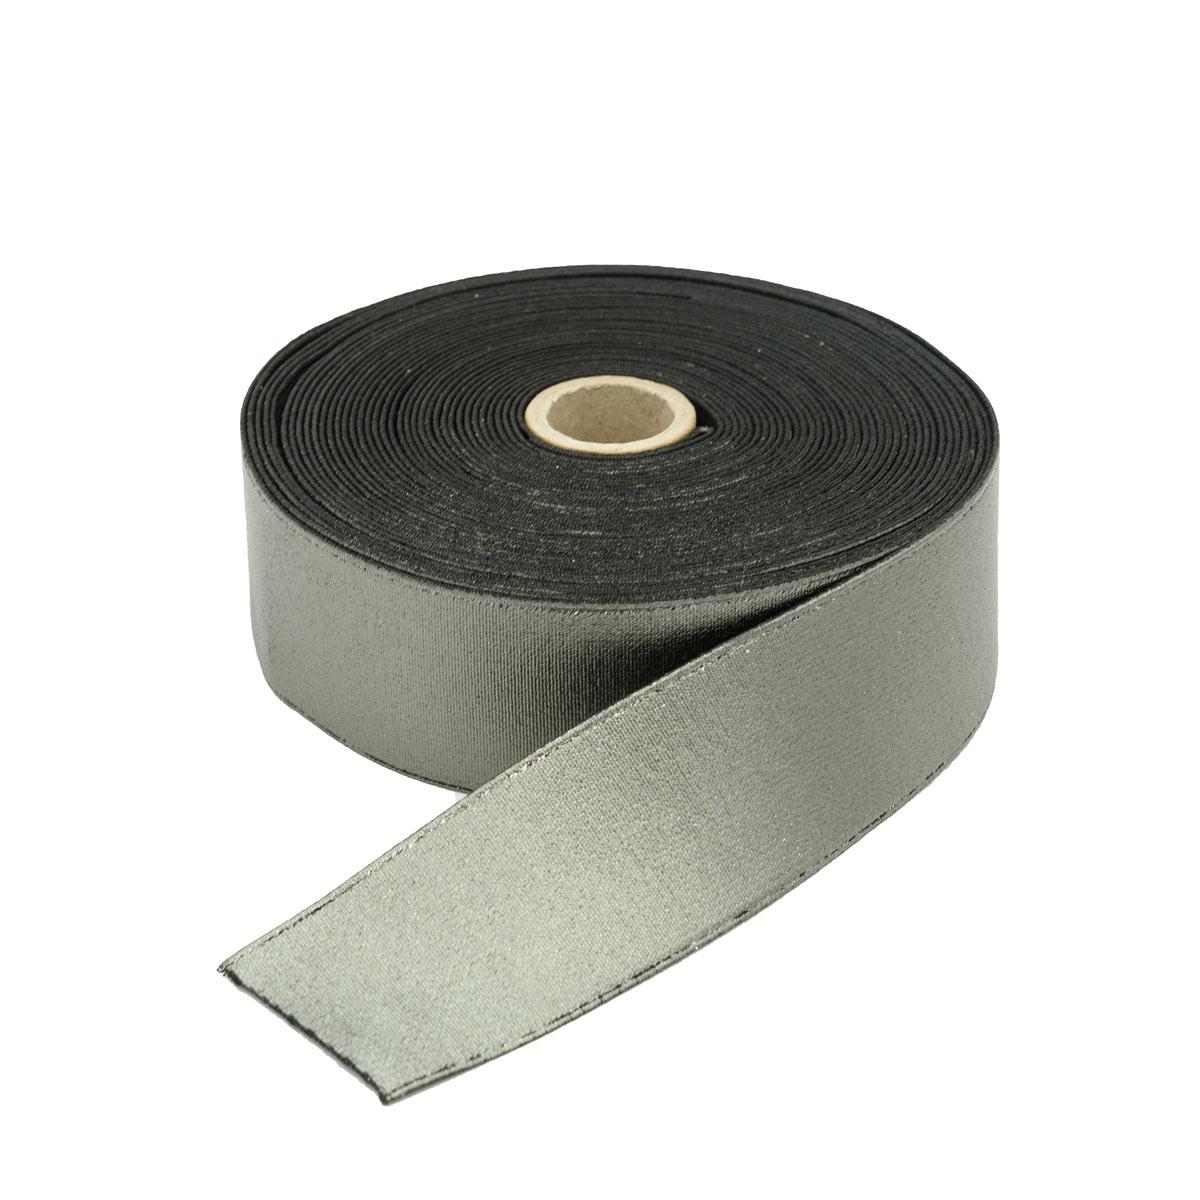 D-DBL-0146 Резинка башмачная с покрытием, черное серебро 40мм*10м